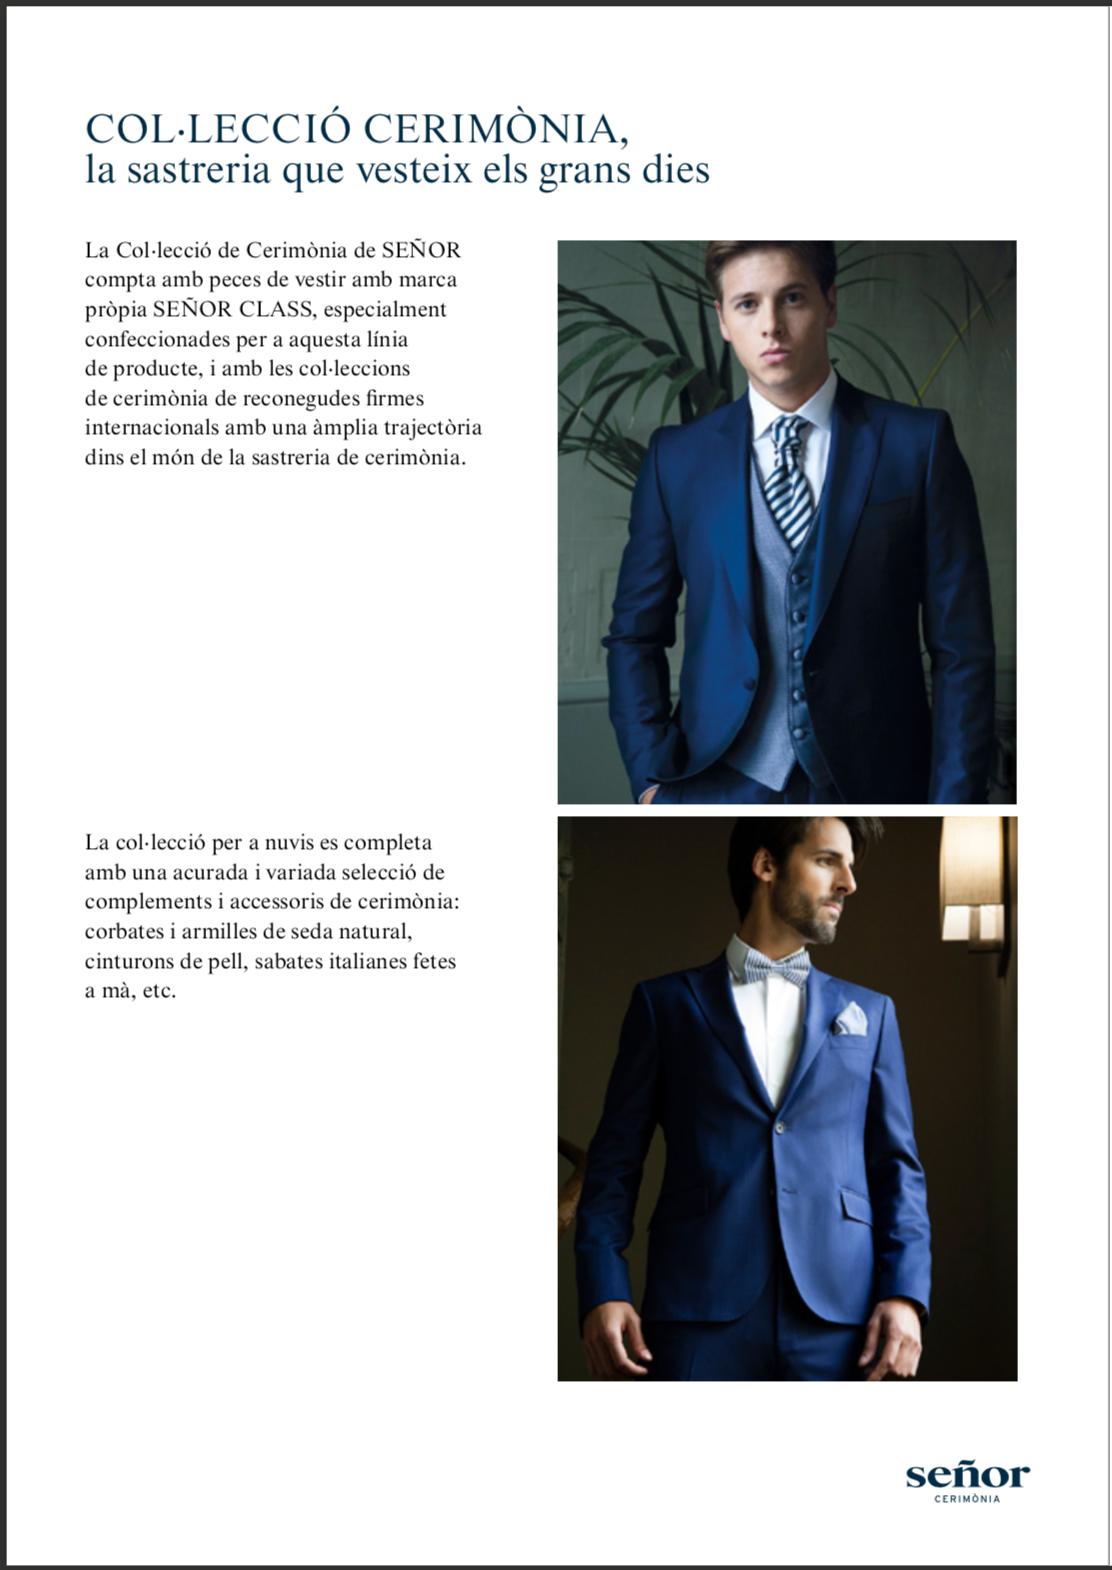 En Trajes Señor contamos con la sastreria que viste tu dia  #bride #groom #wedding #weddings #bodas #novio #traje #boda #diciembre #suits #suitup #suit #bridestyle #groomstyle